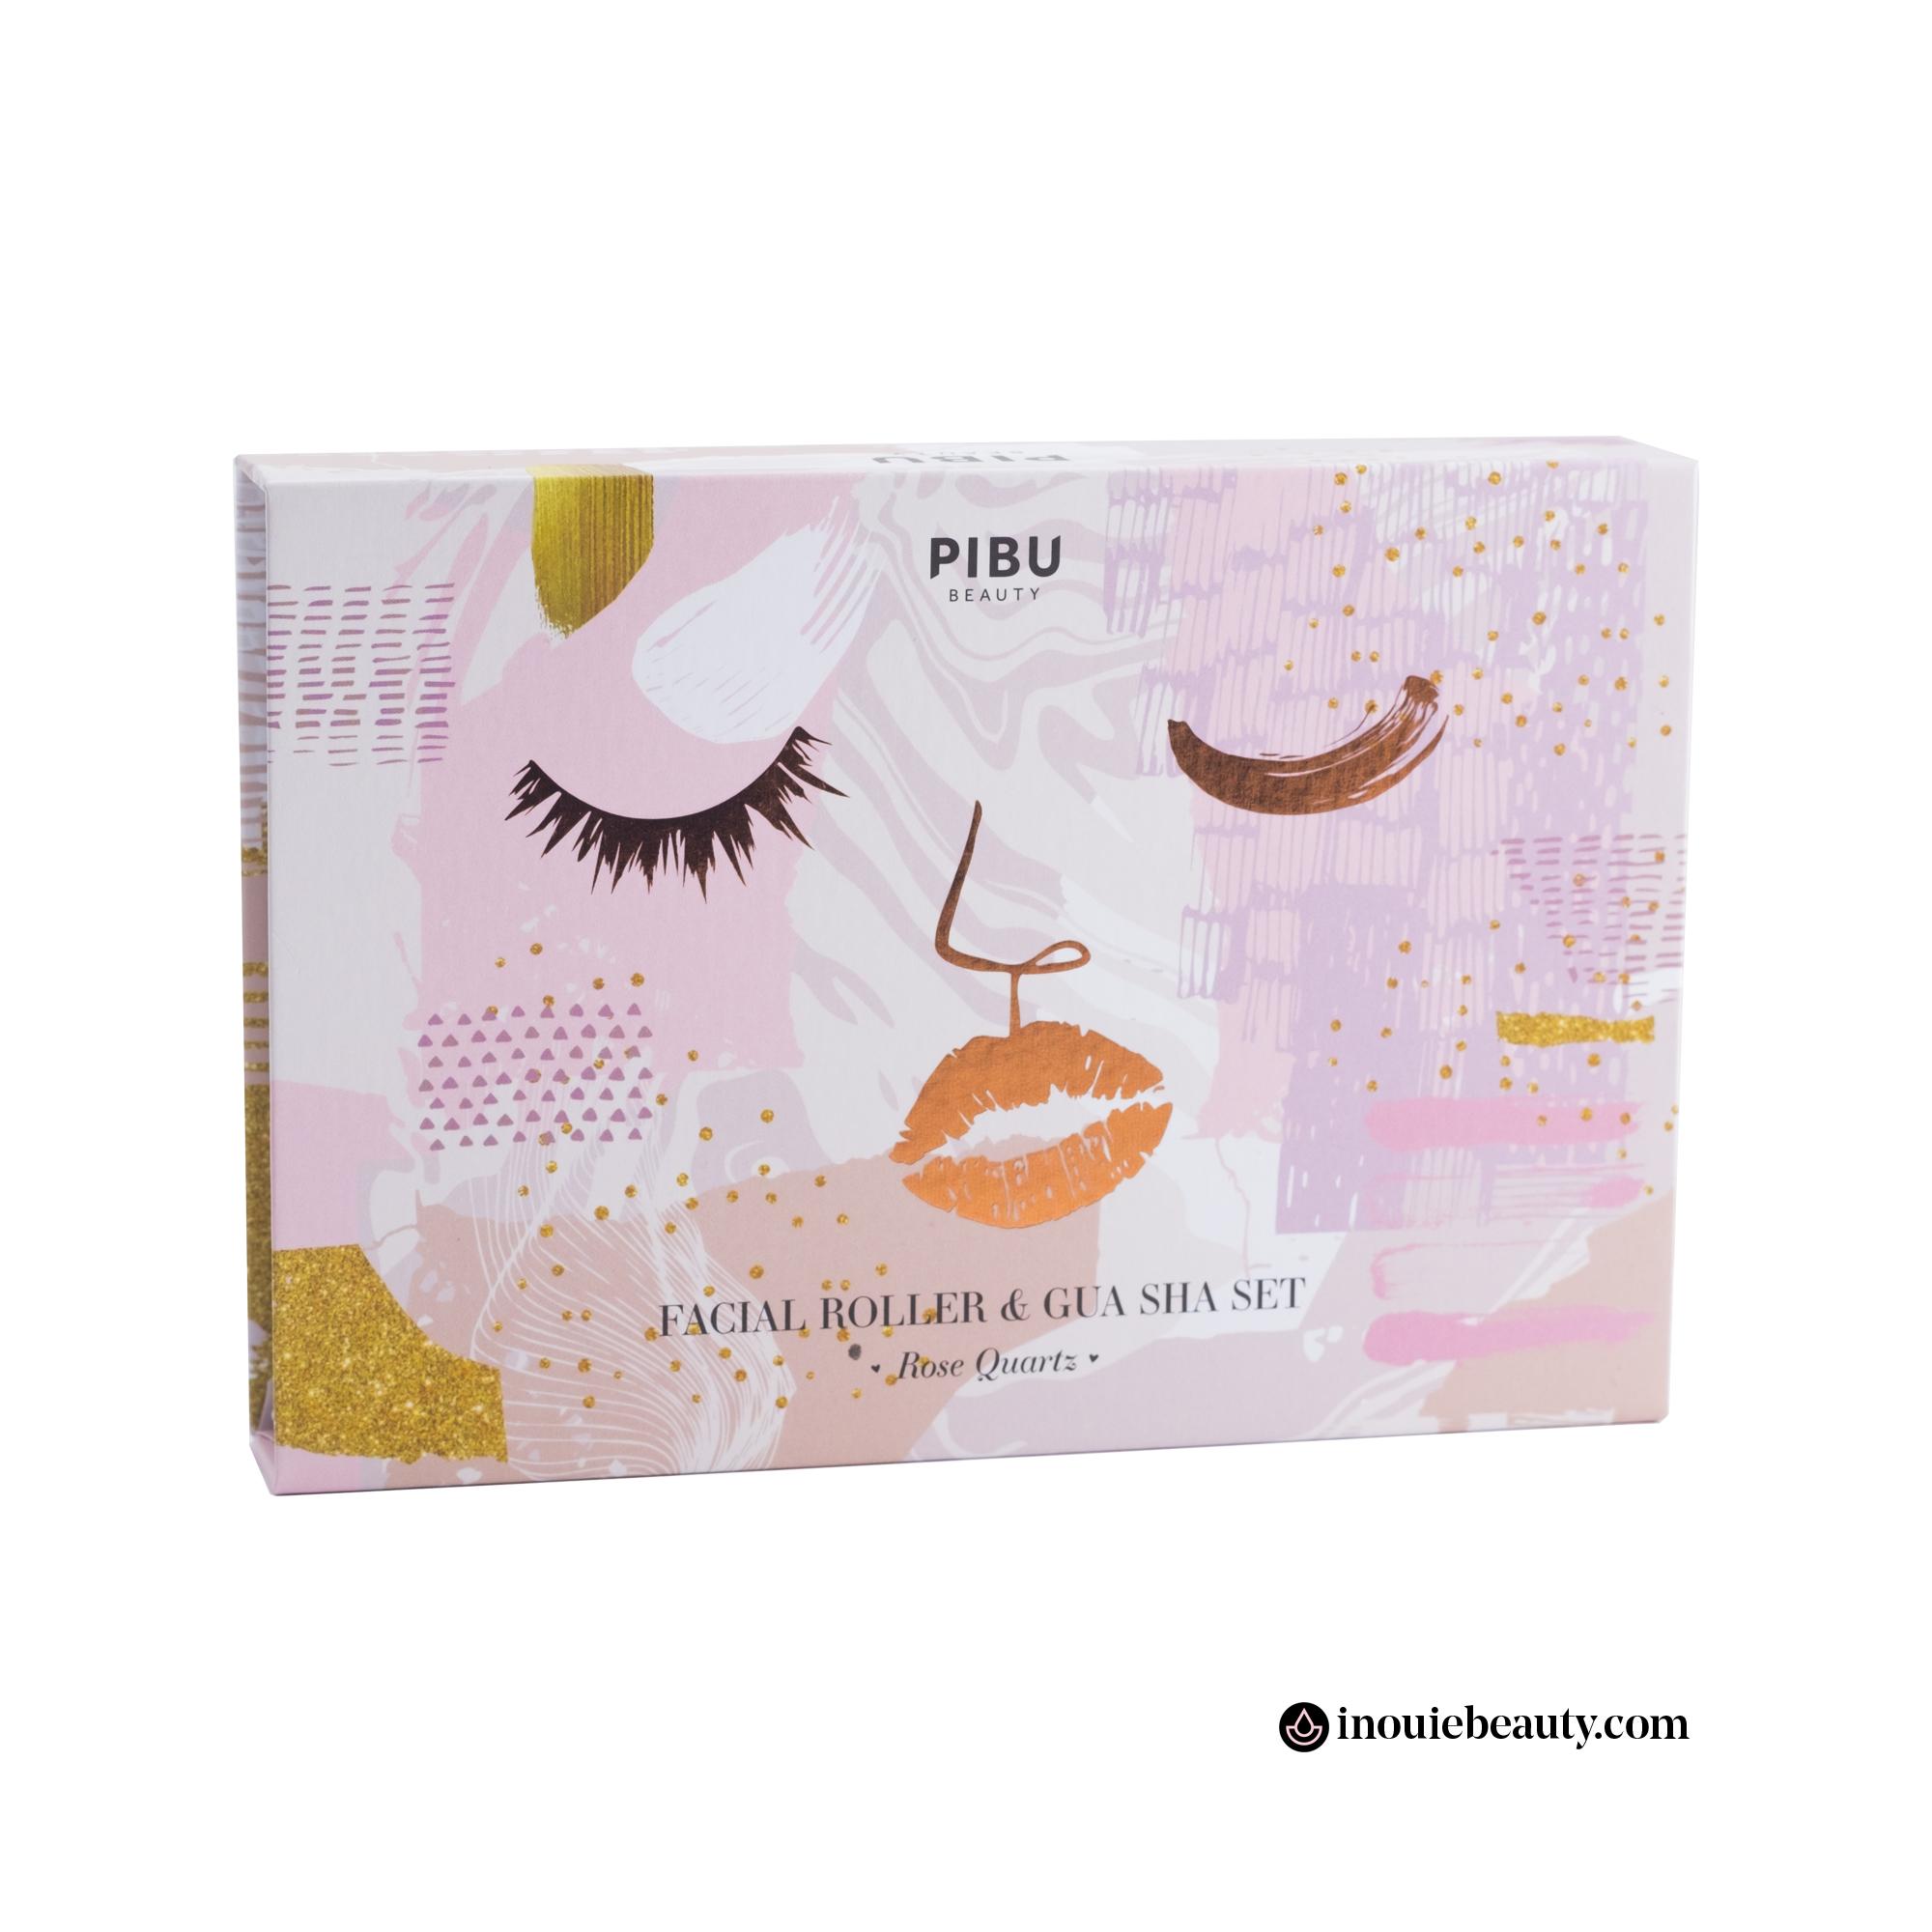 Pibu Beauty Rose Quartz Facial Roller & Gua Sha Set